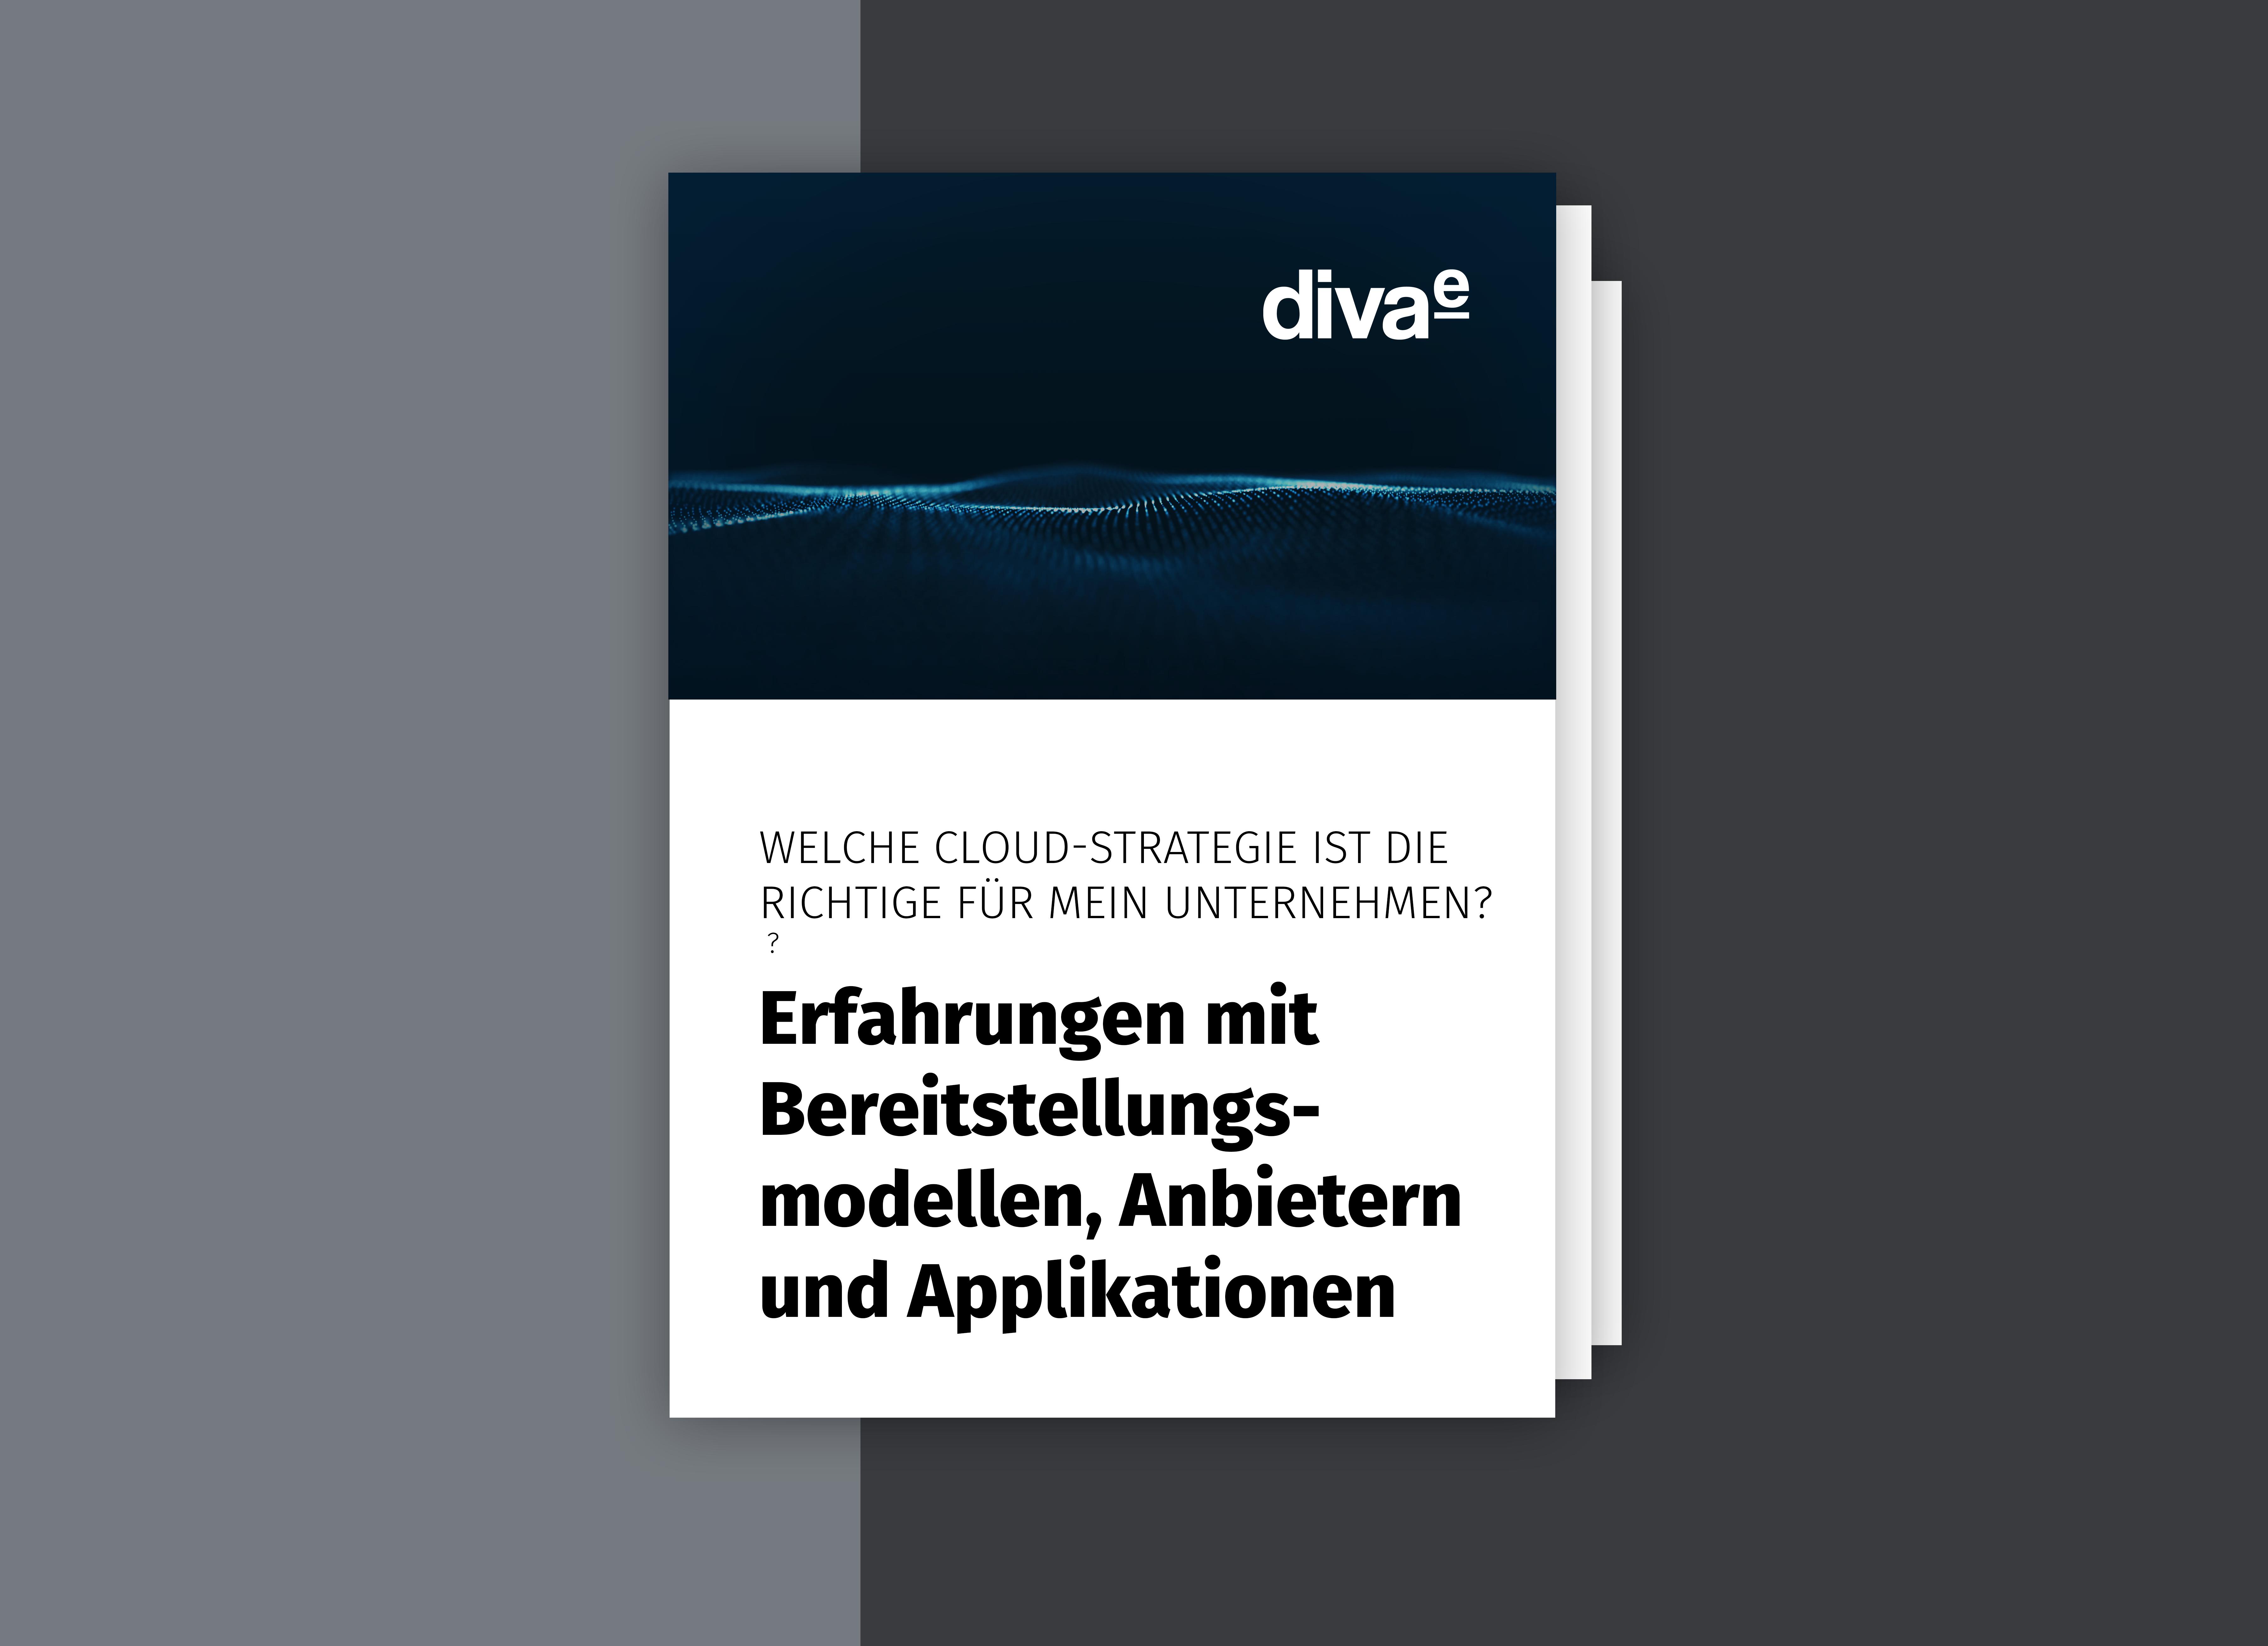 Whitepaper: Welche Cloud-Strategie ist die Richtige für mein Unternehmen?